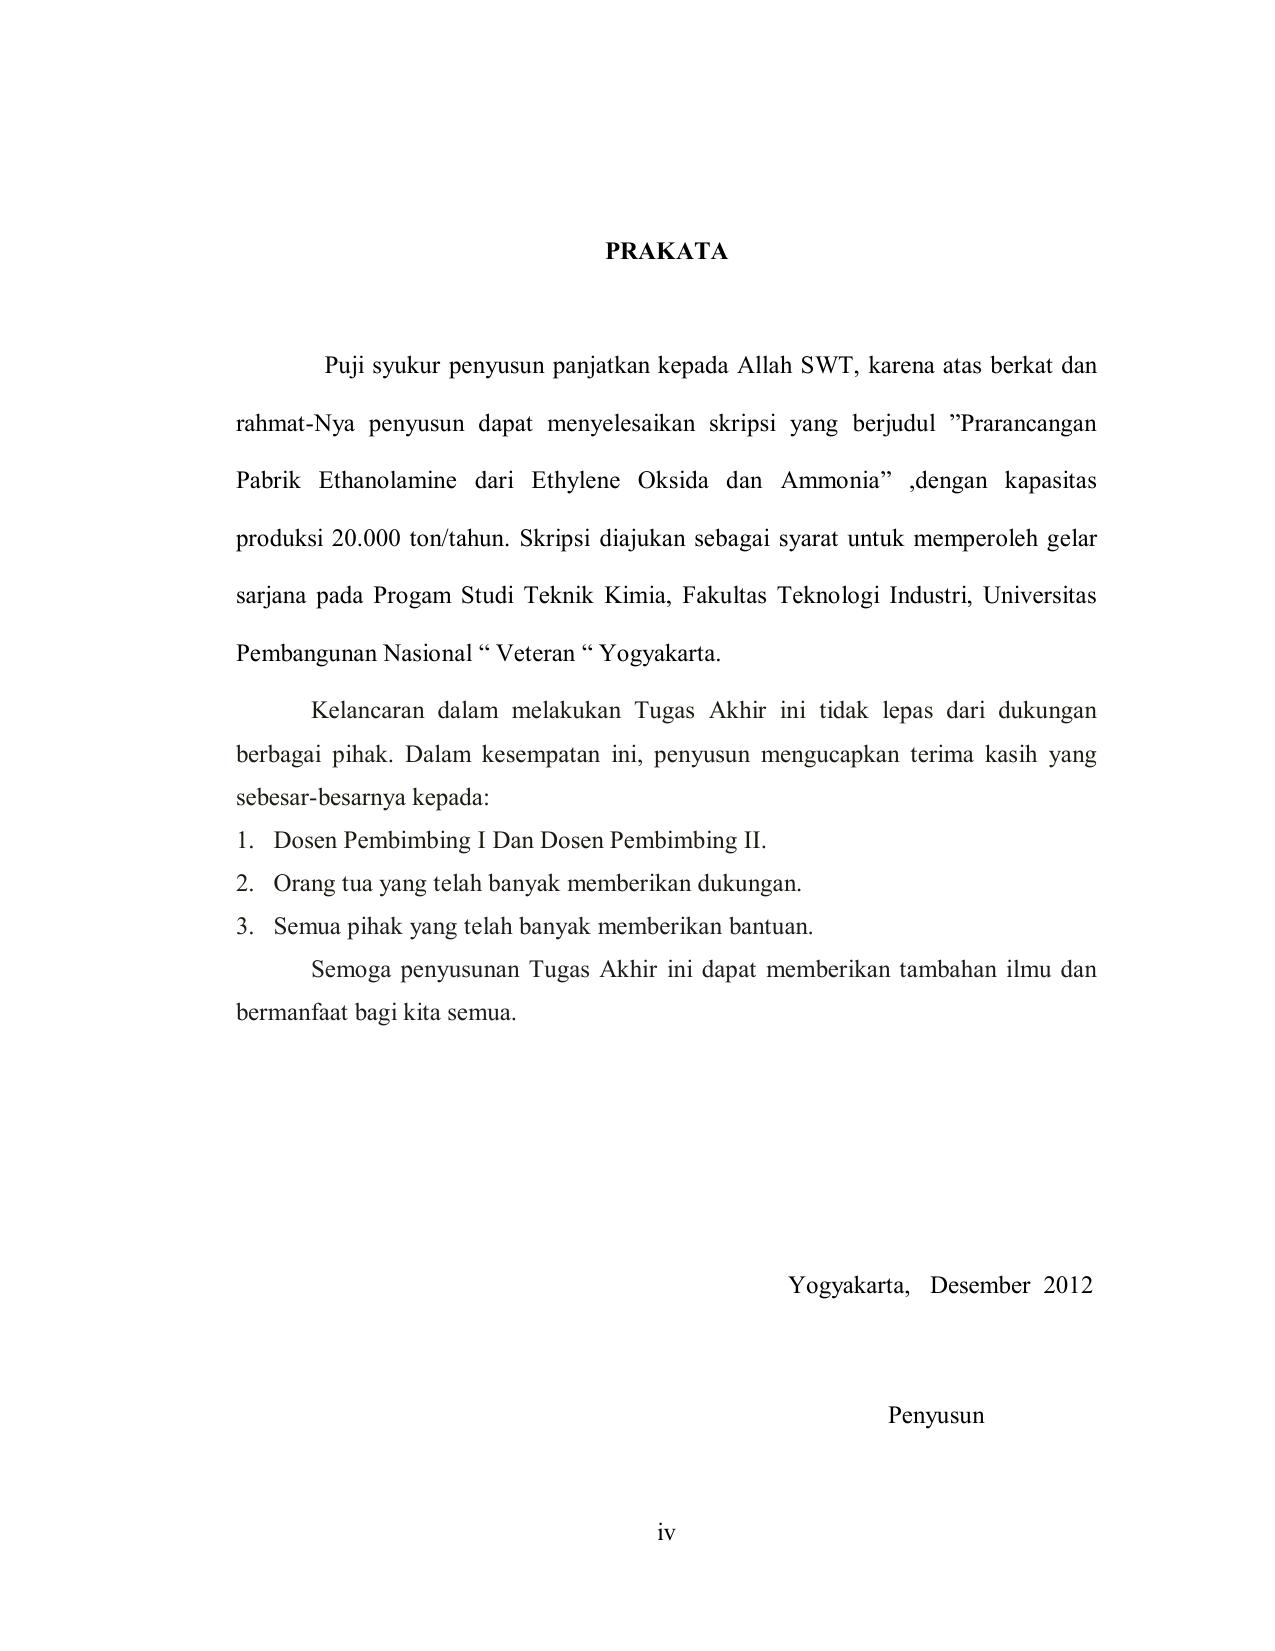 PRAKATA SKRIPSI PDF DOWNLOAD